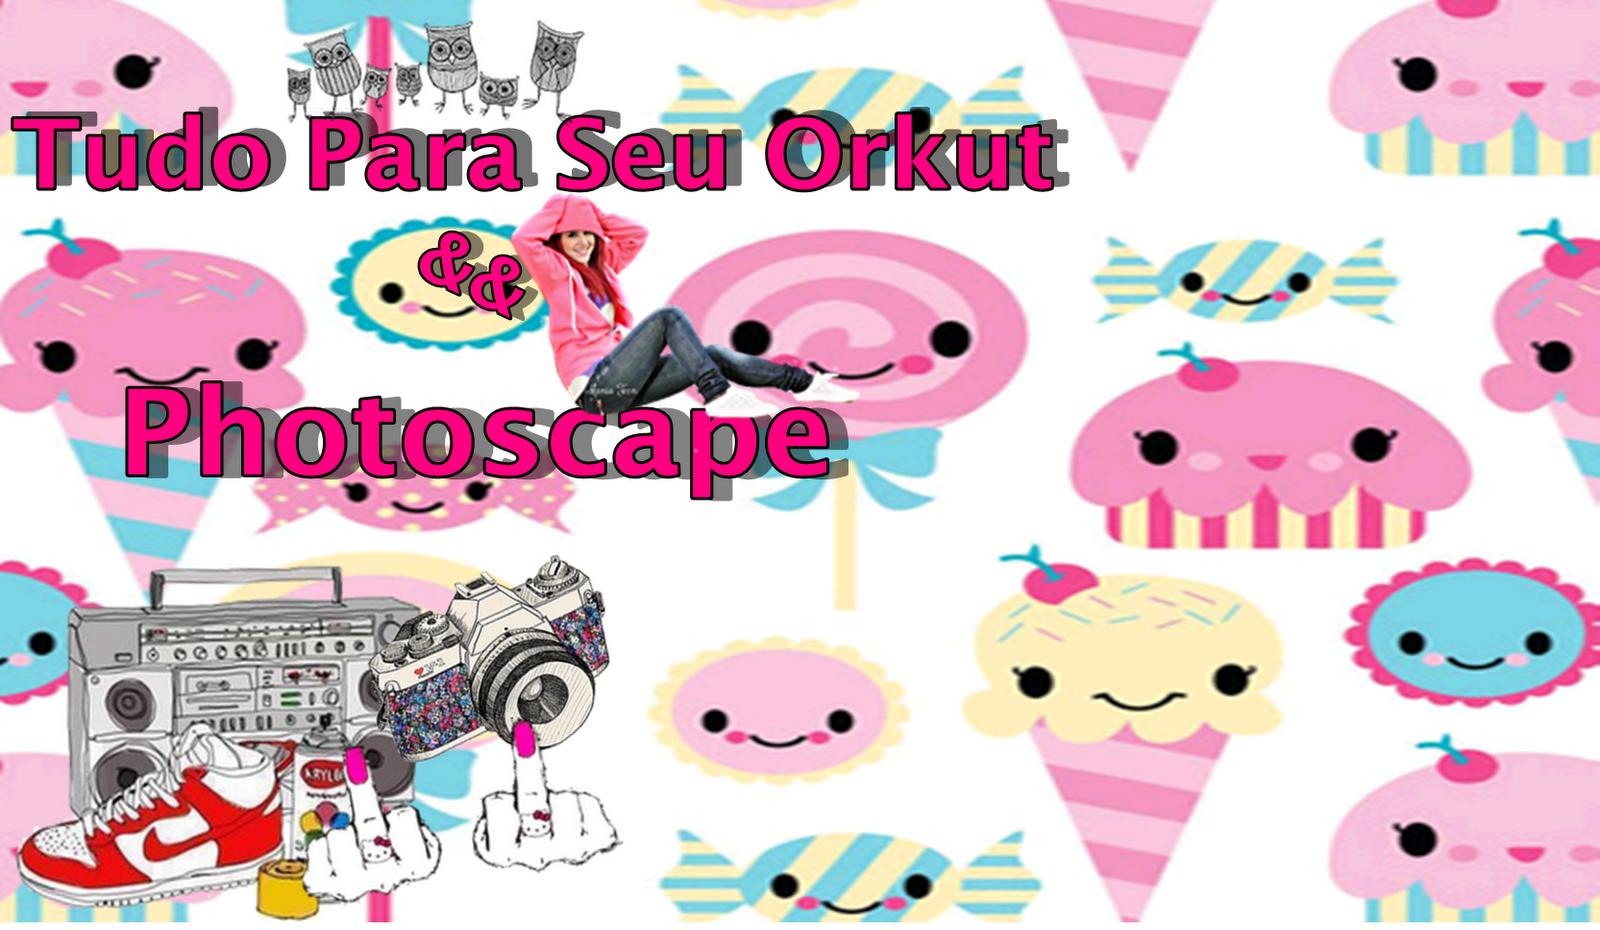 Tudo Para Seu Orkut e Photoscape